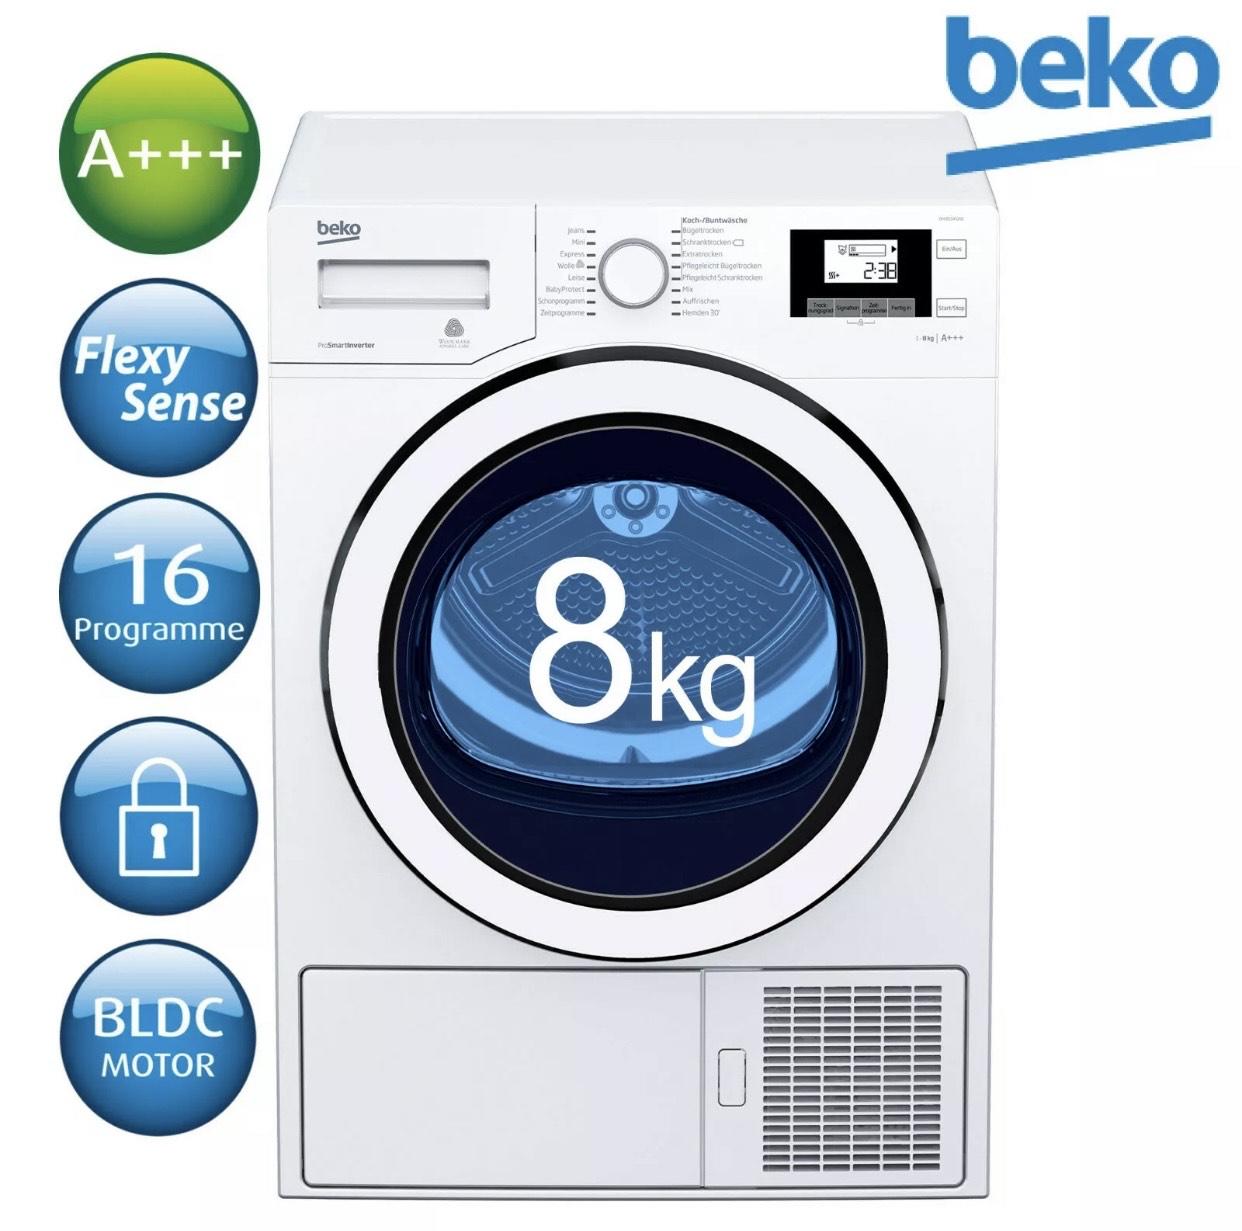 [eBay WOW] Beko Wärmepumpentrockner DH8534GX0 für 444,44€